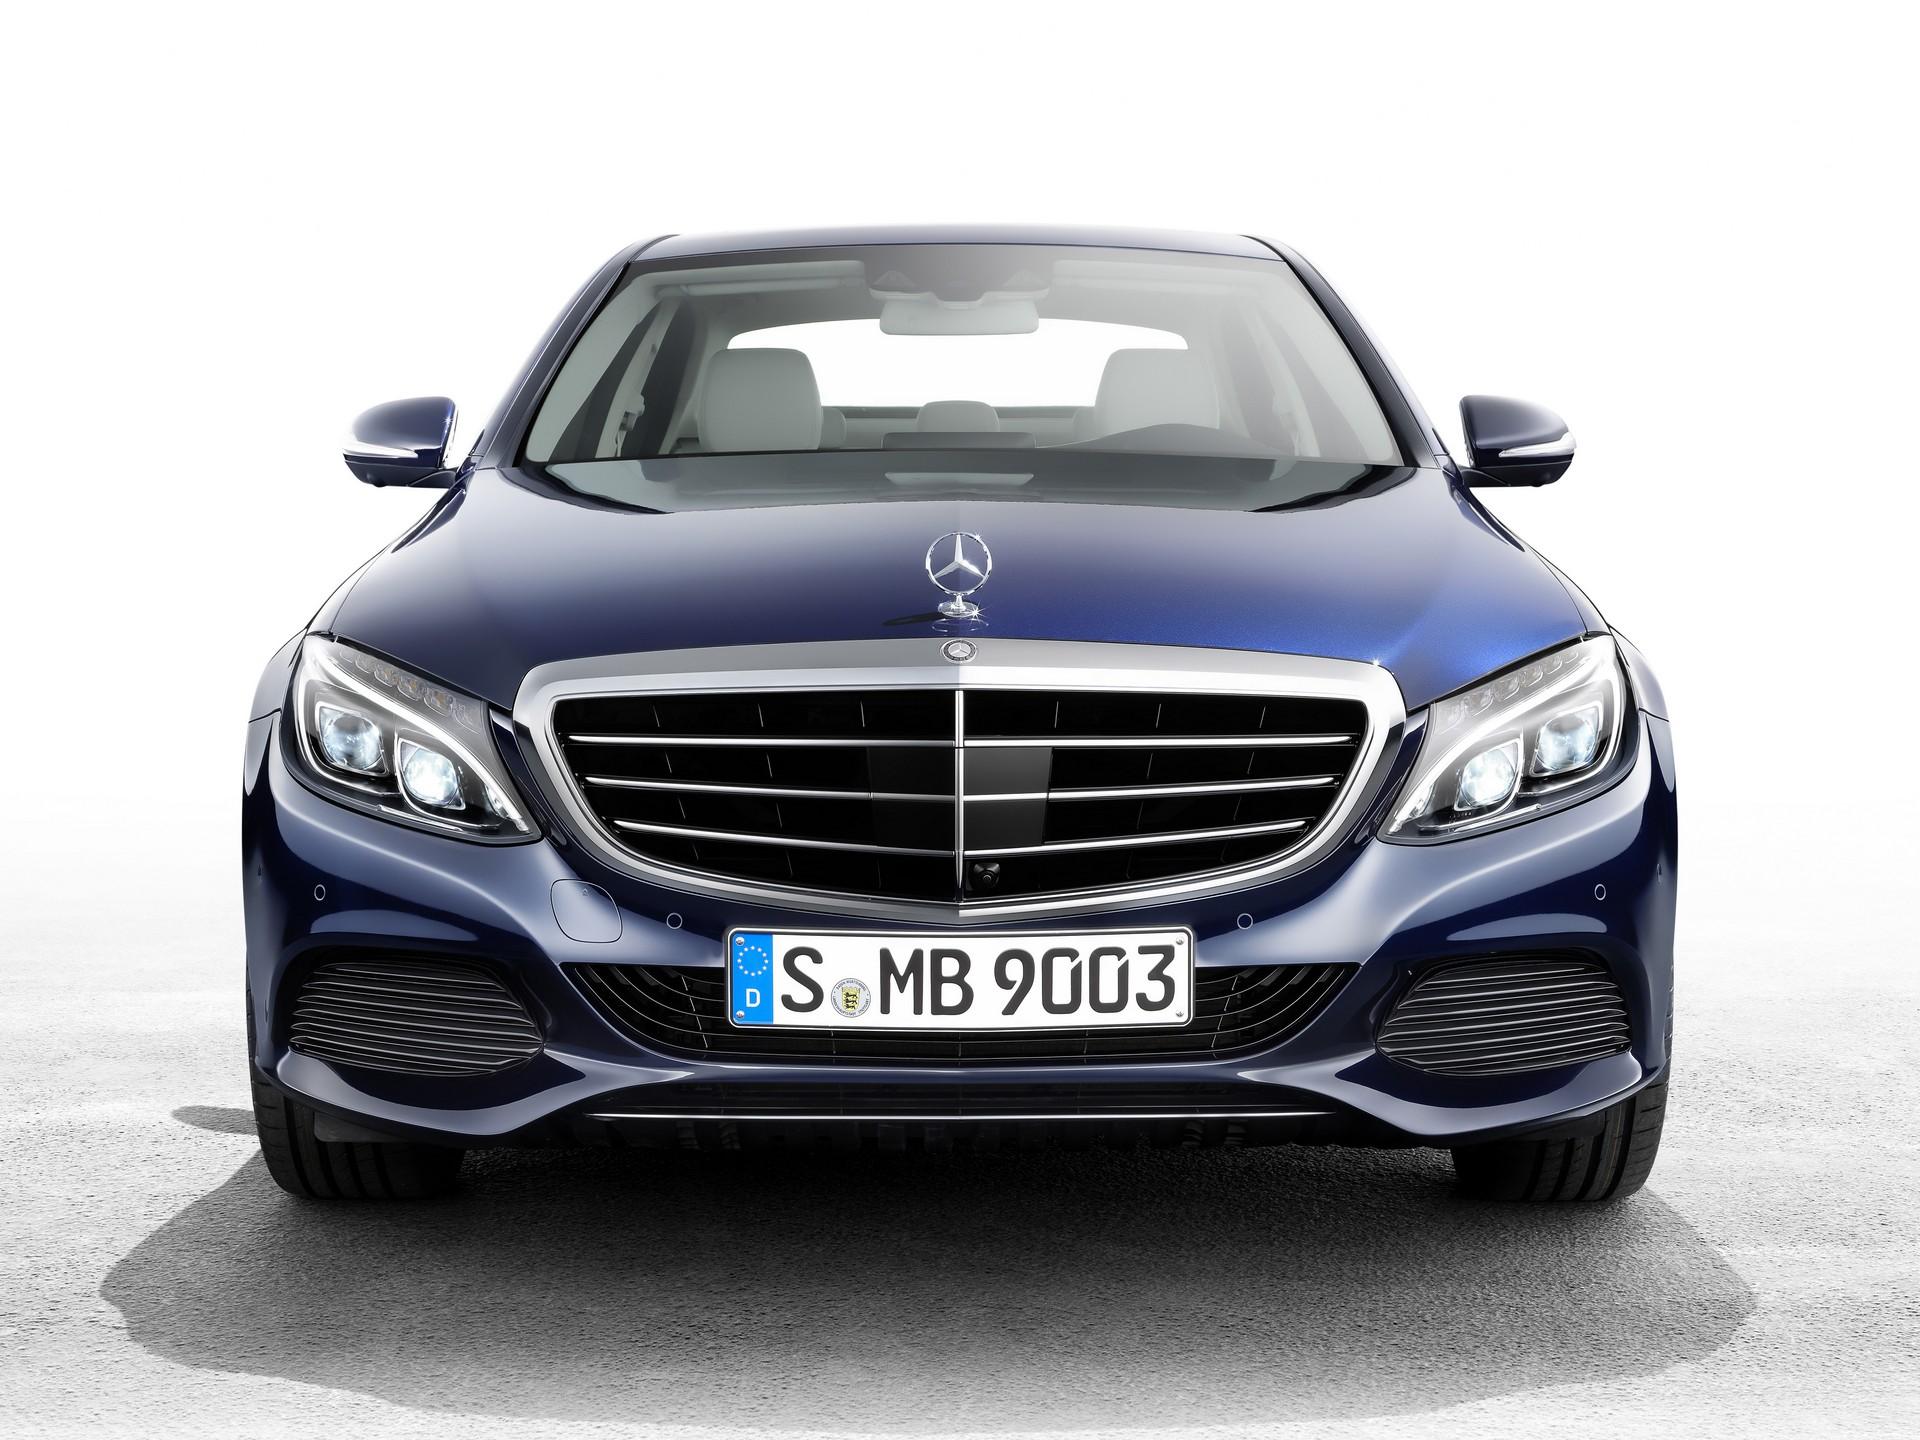 2014 mercedes benz c class image 11 for Mercedes benz 2014 c class